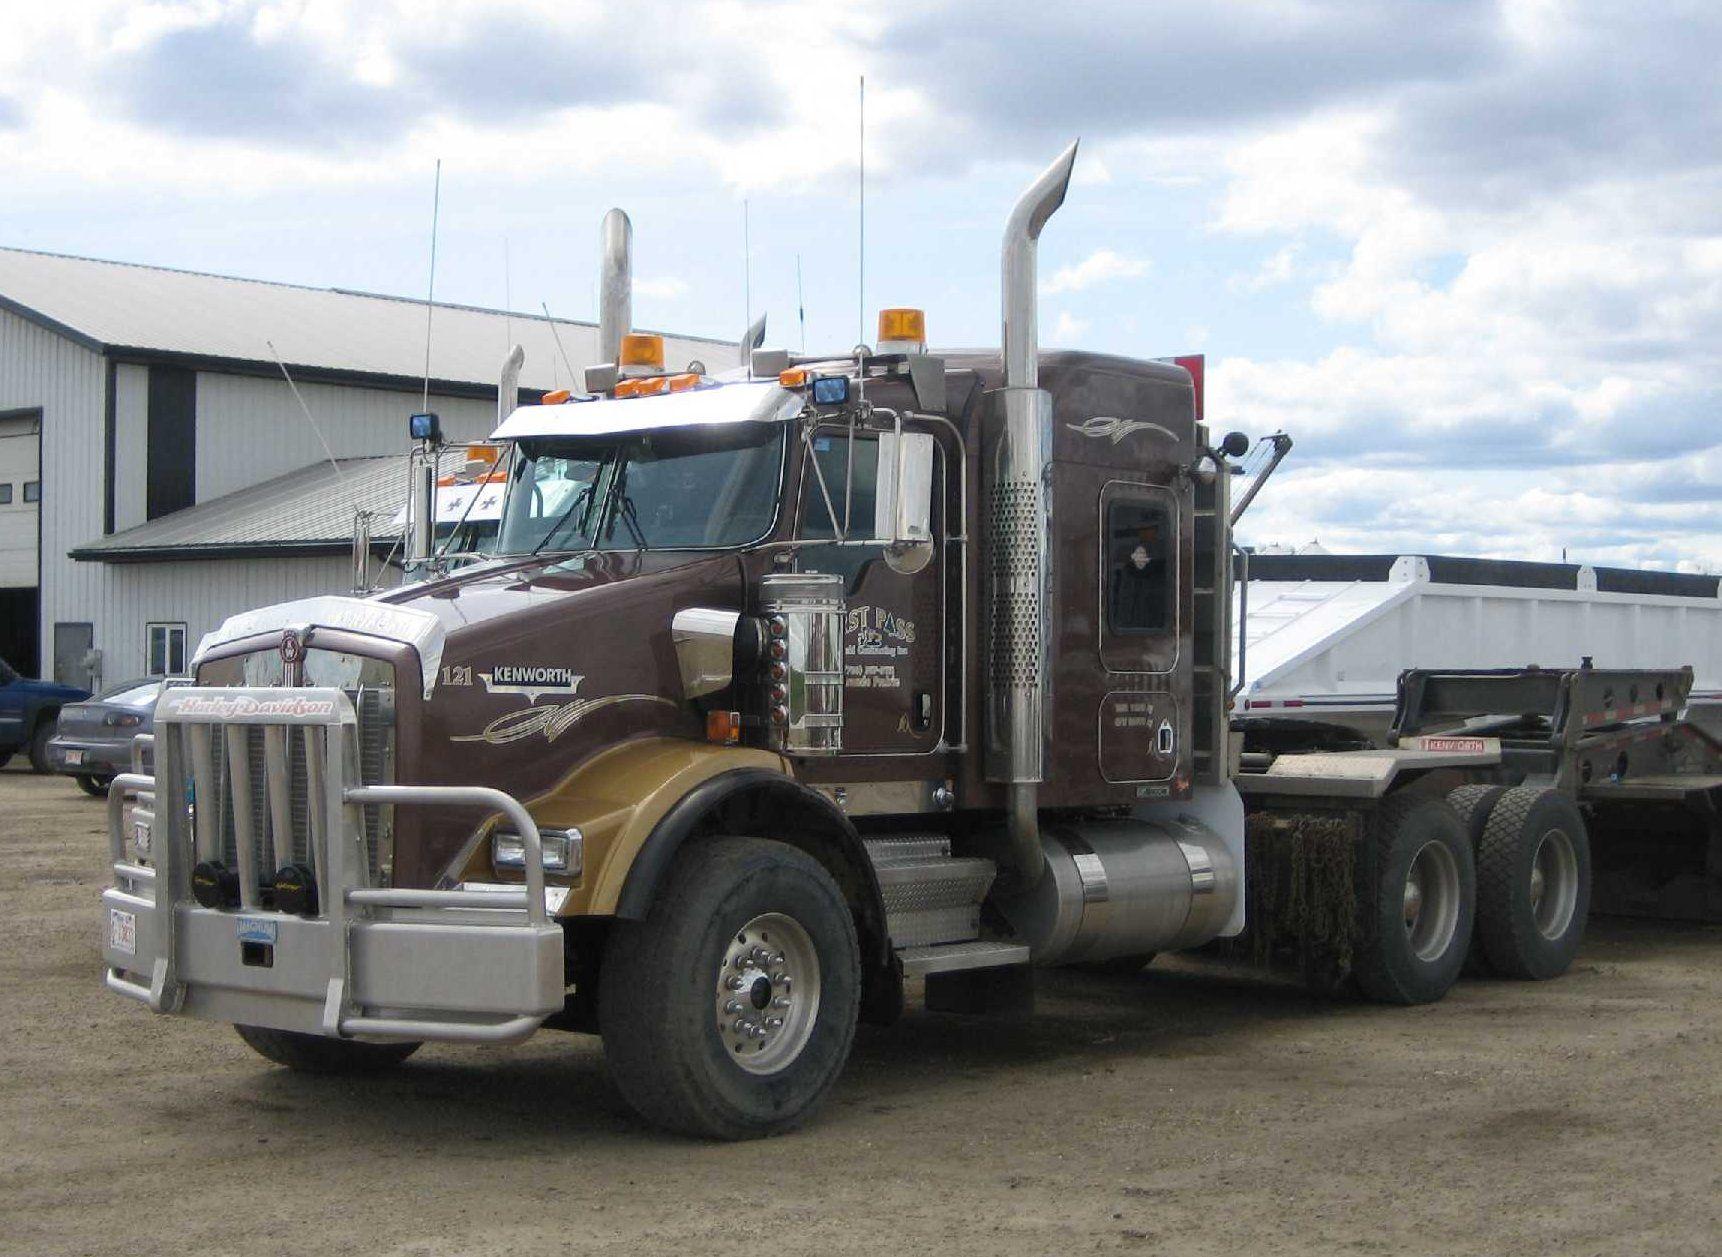 kenworth t800 kenworth trucks road king heavy equipment semi trucks rigs  [ 1722 x 1257 Pixel ]